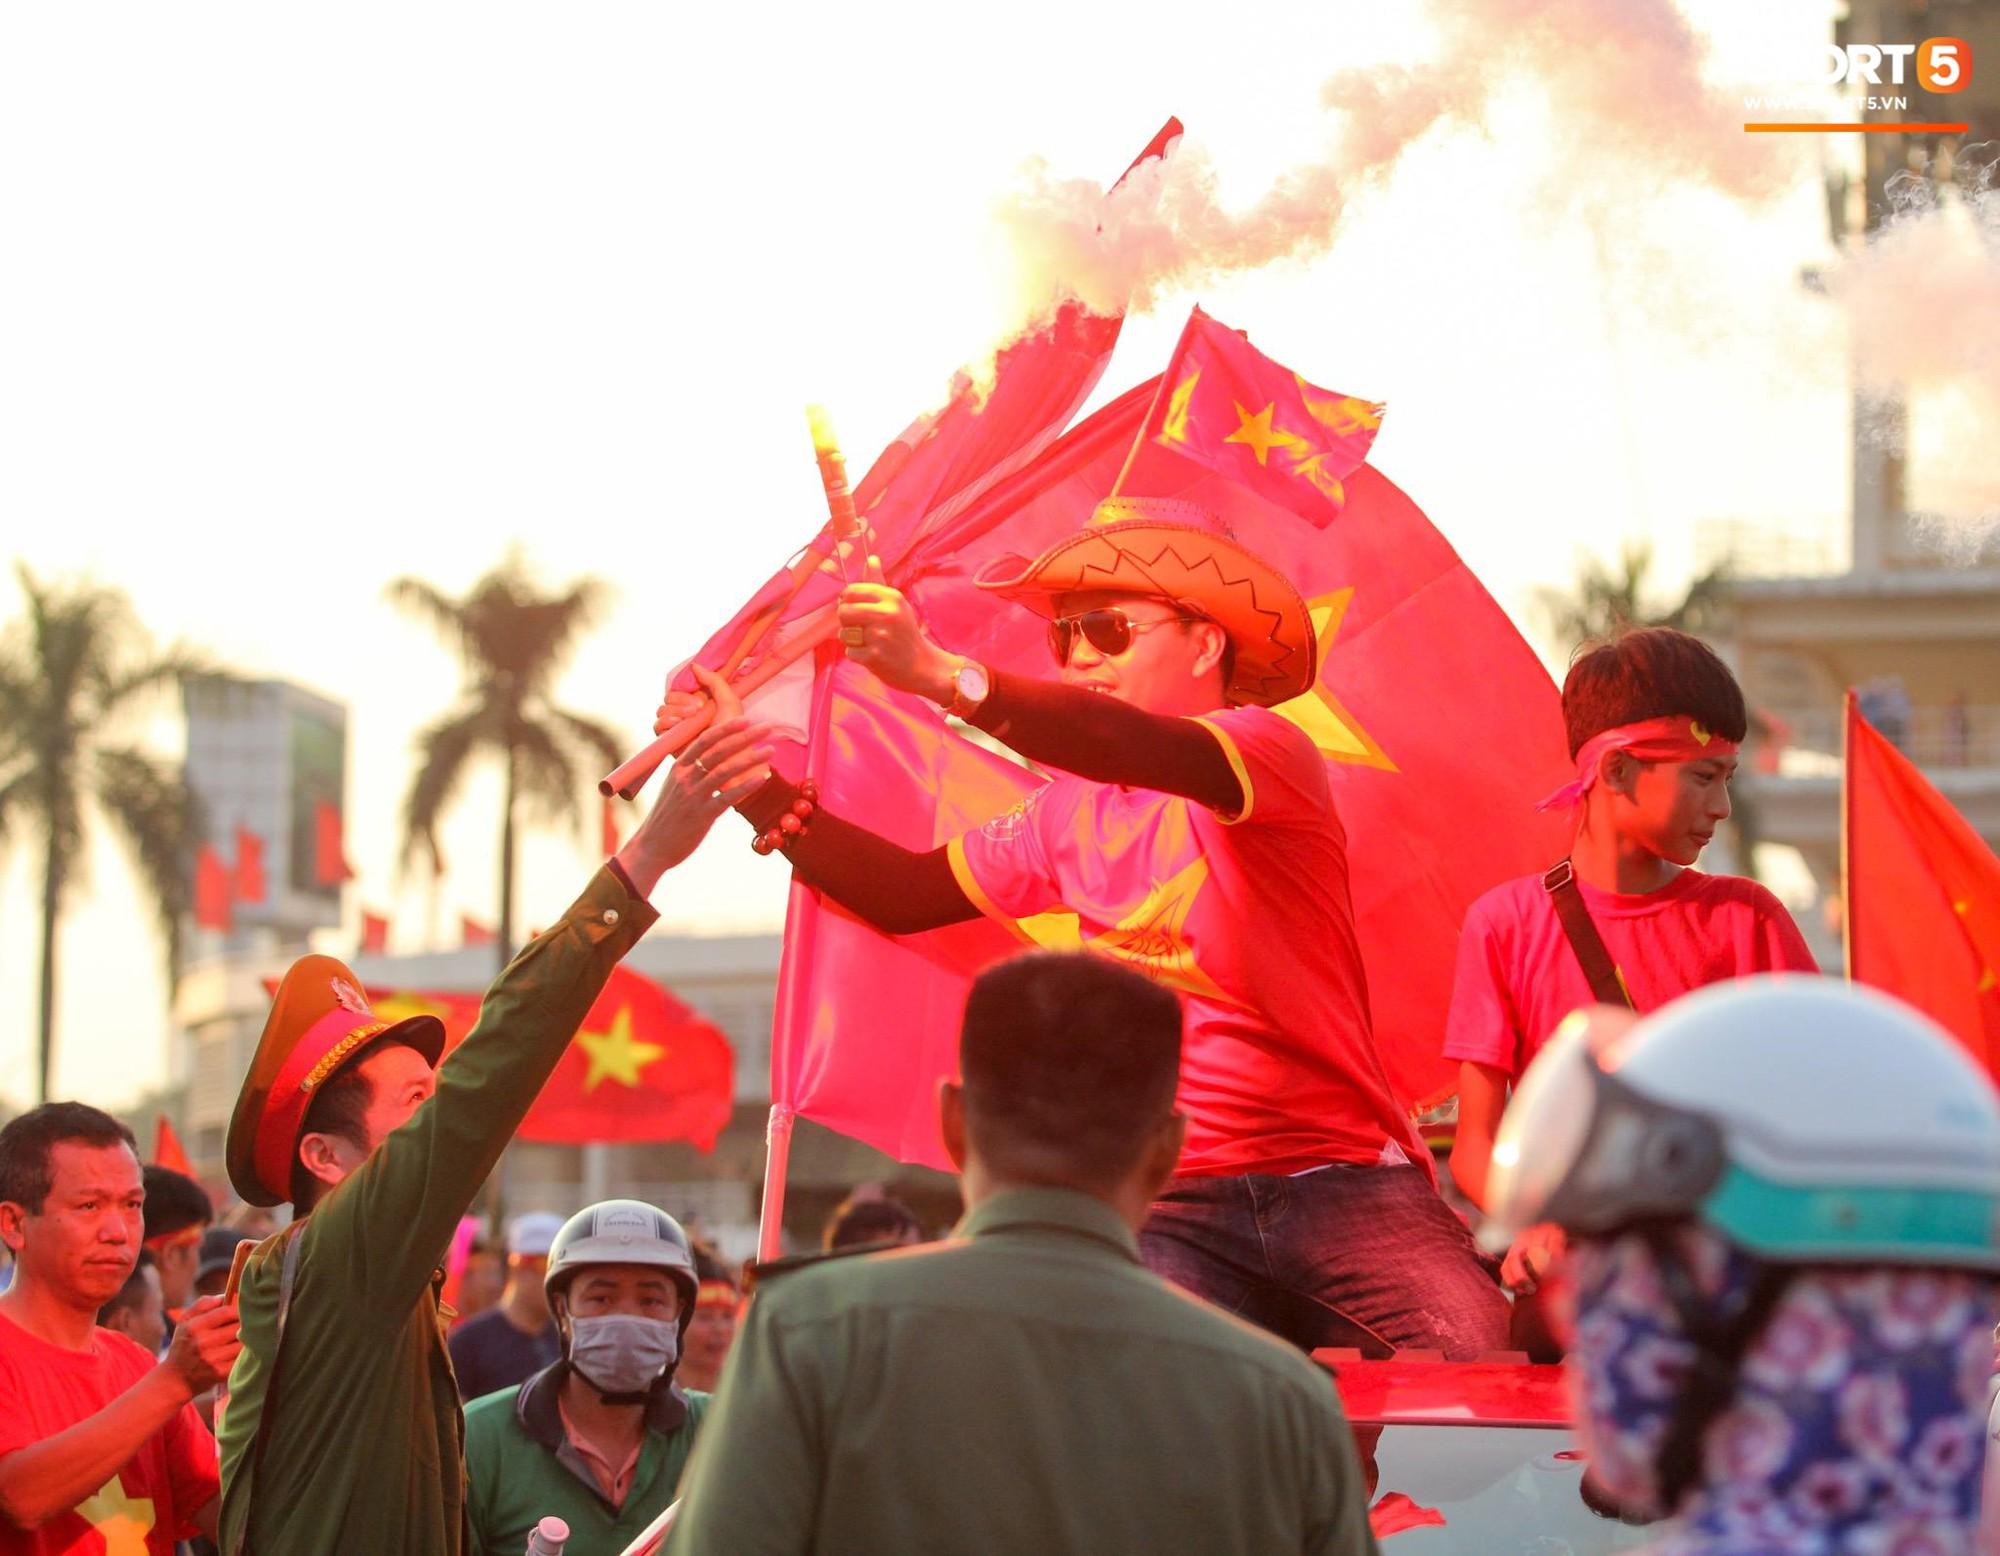 Cổ động viên đốt pháo sáng đỏ rực trời trước giờ xung trận của đội tuyển Việt Nam - Ảnh 4.